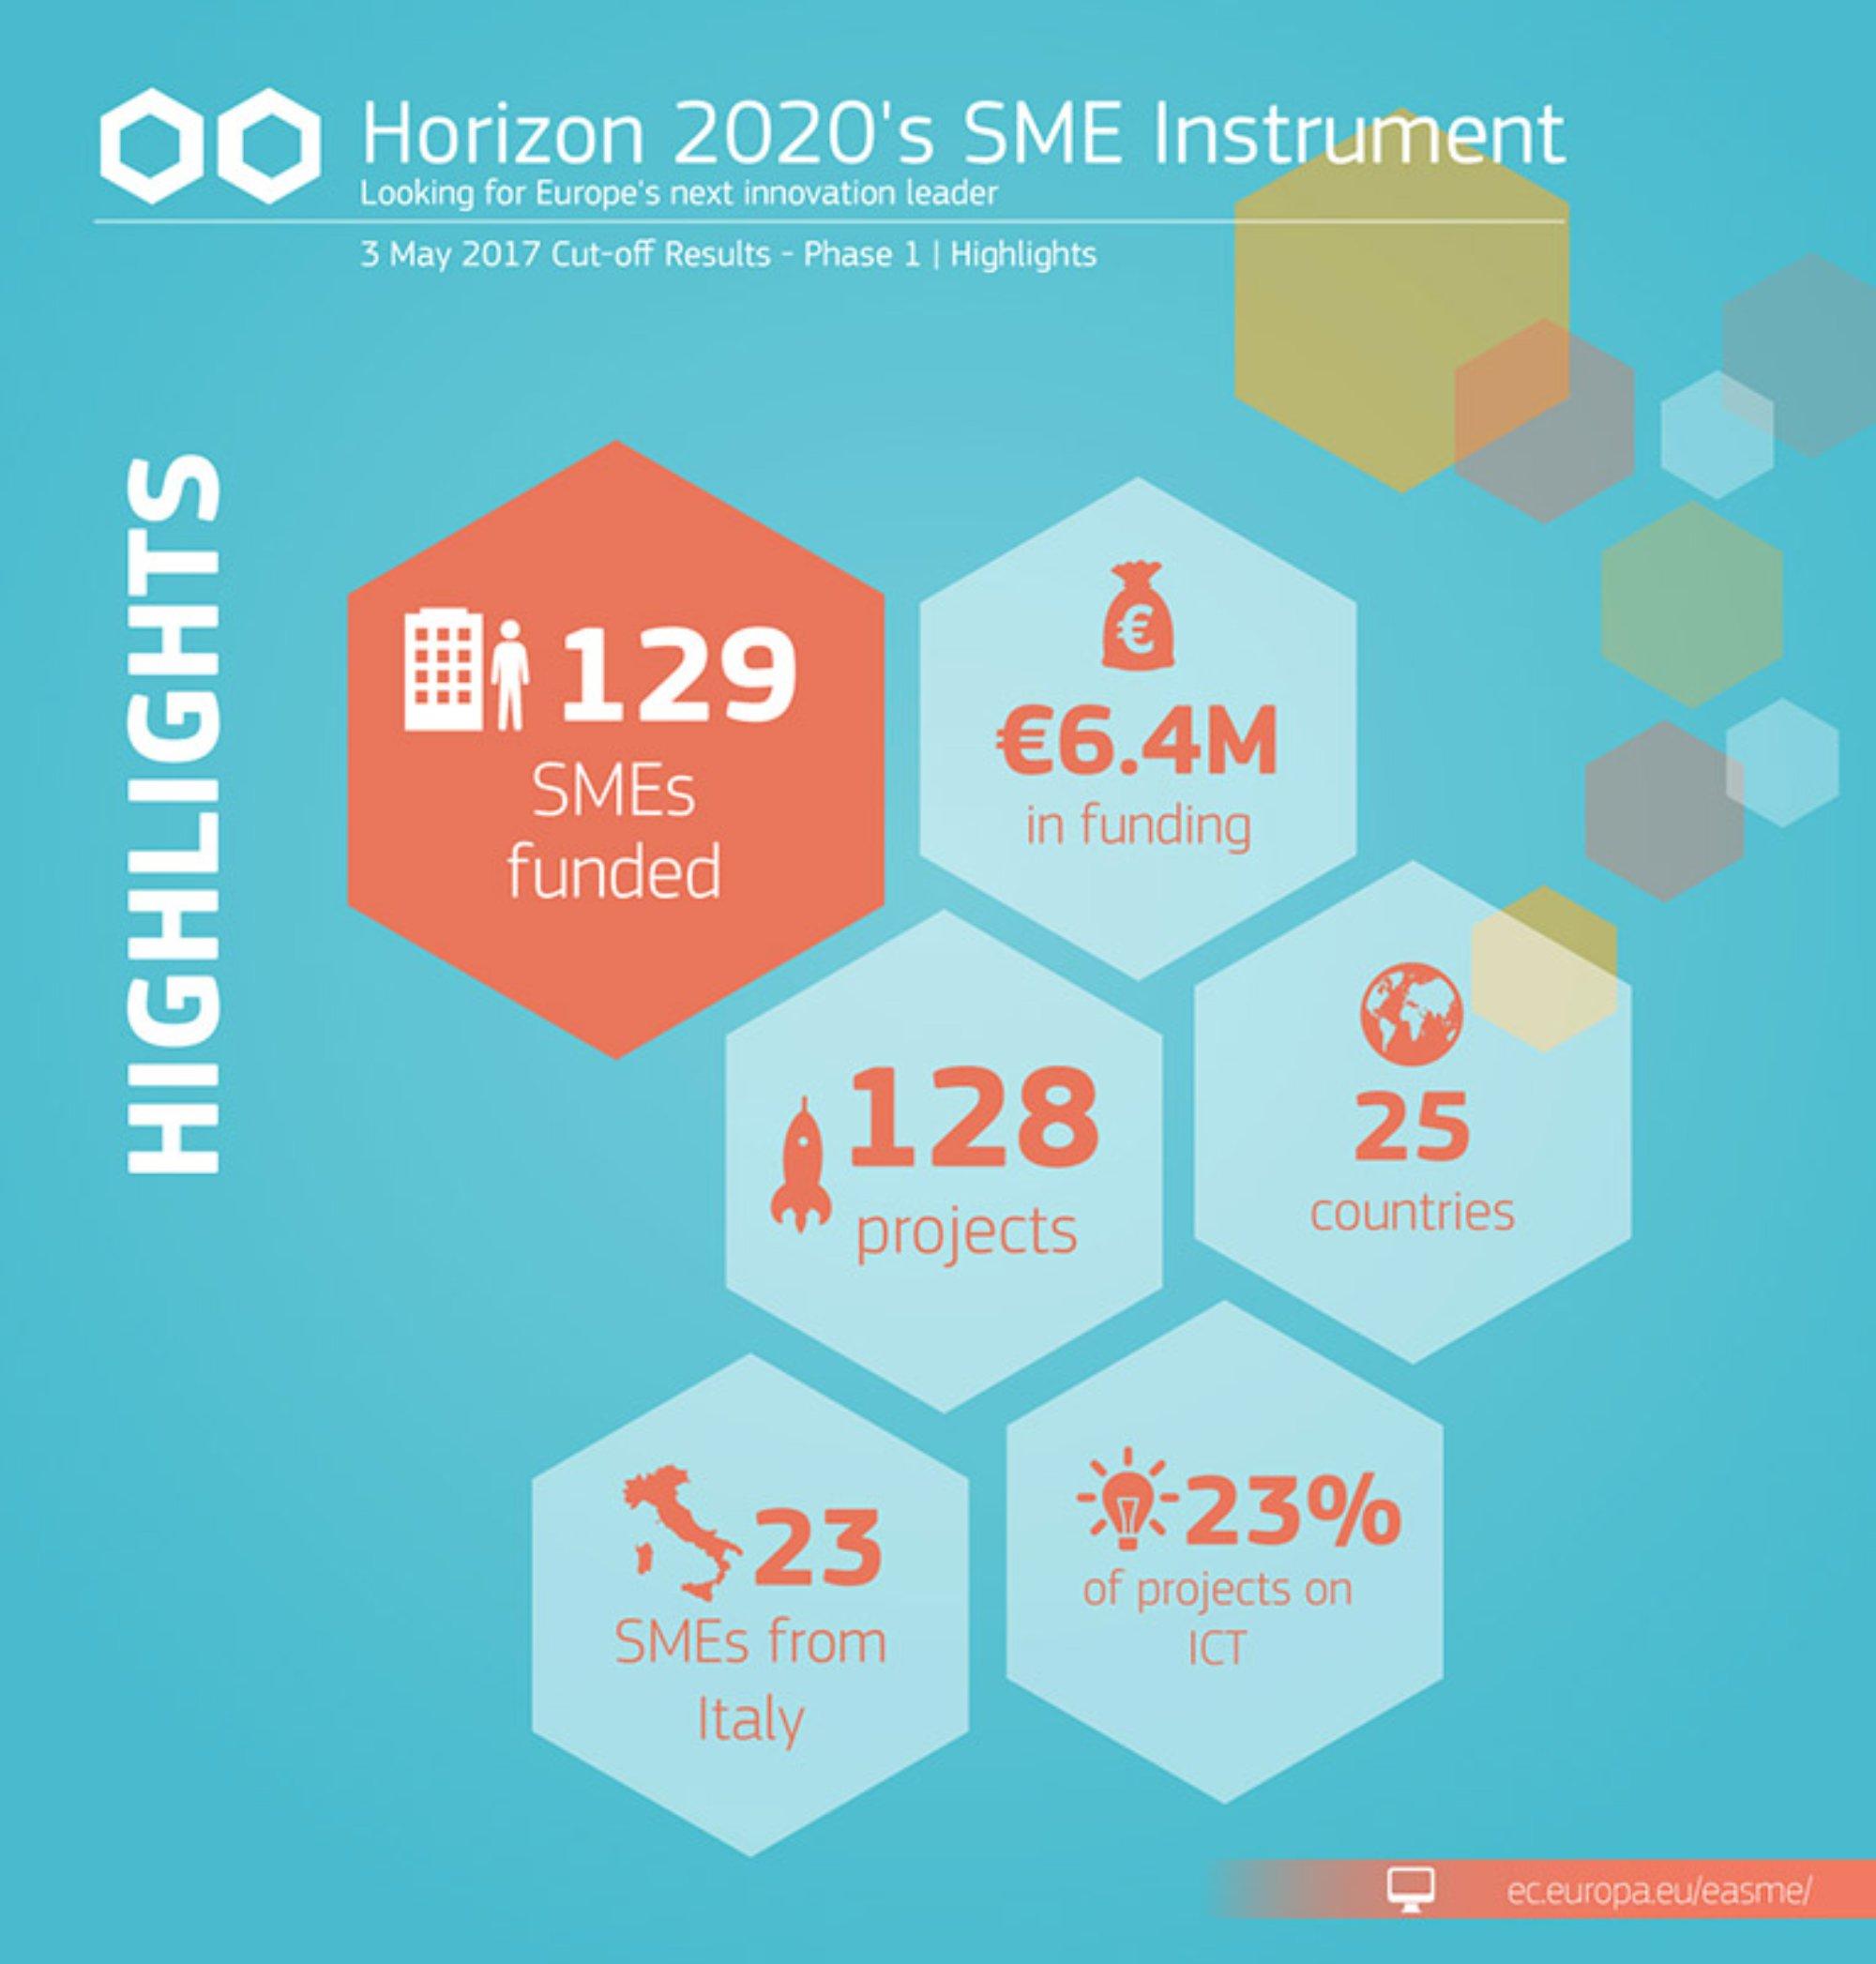 Európska komisia vybrala 129 malých a stredných podnikov na financovanie v poslednom kole Horizont 2020